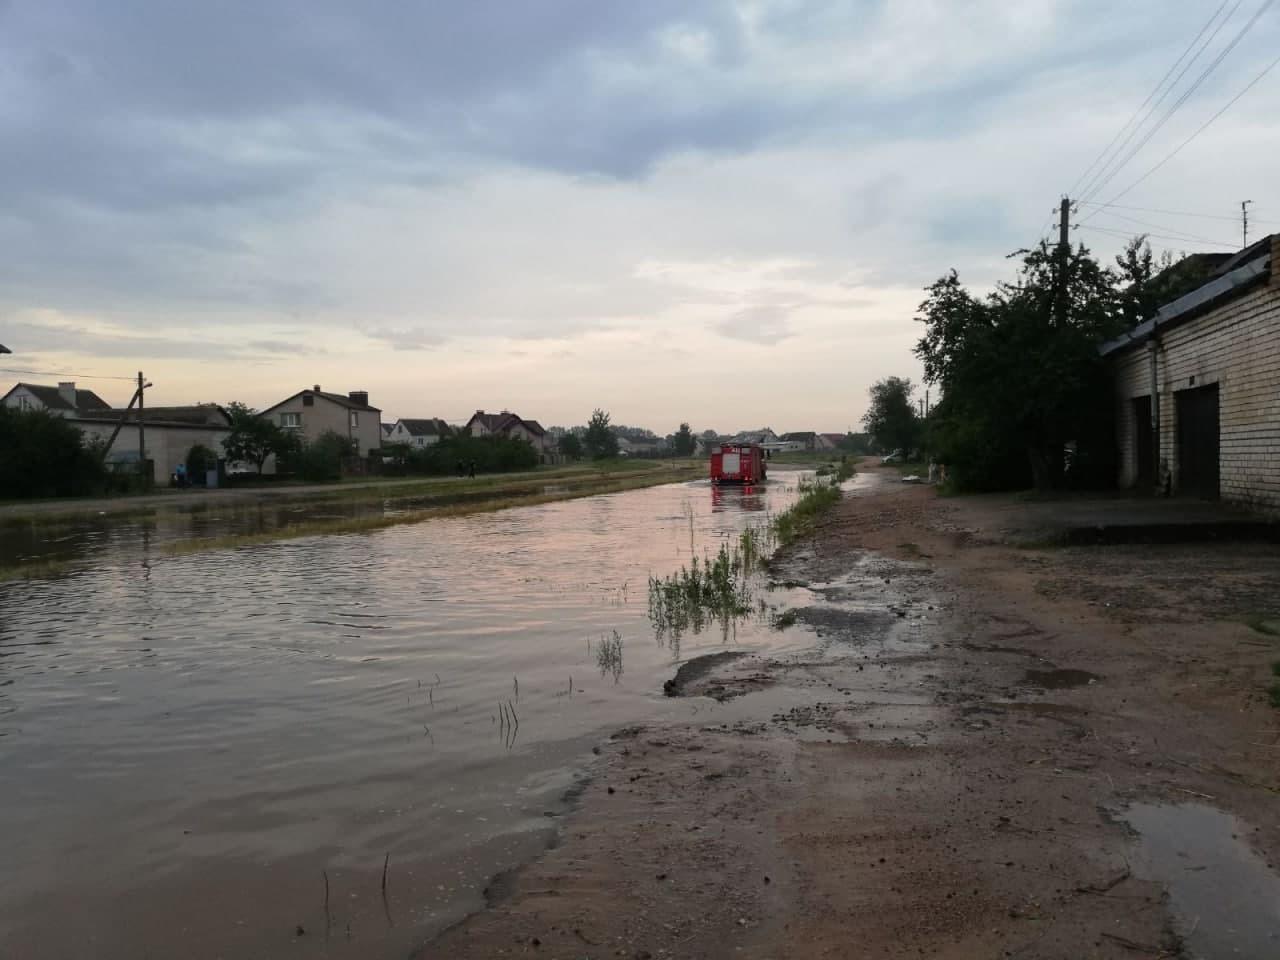 Ливень превратил улицы Барановичей в реки, а перекрестки — в озера3